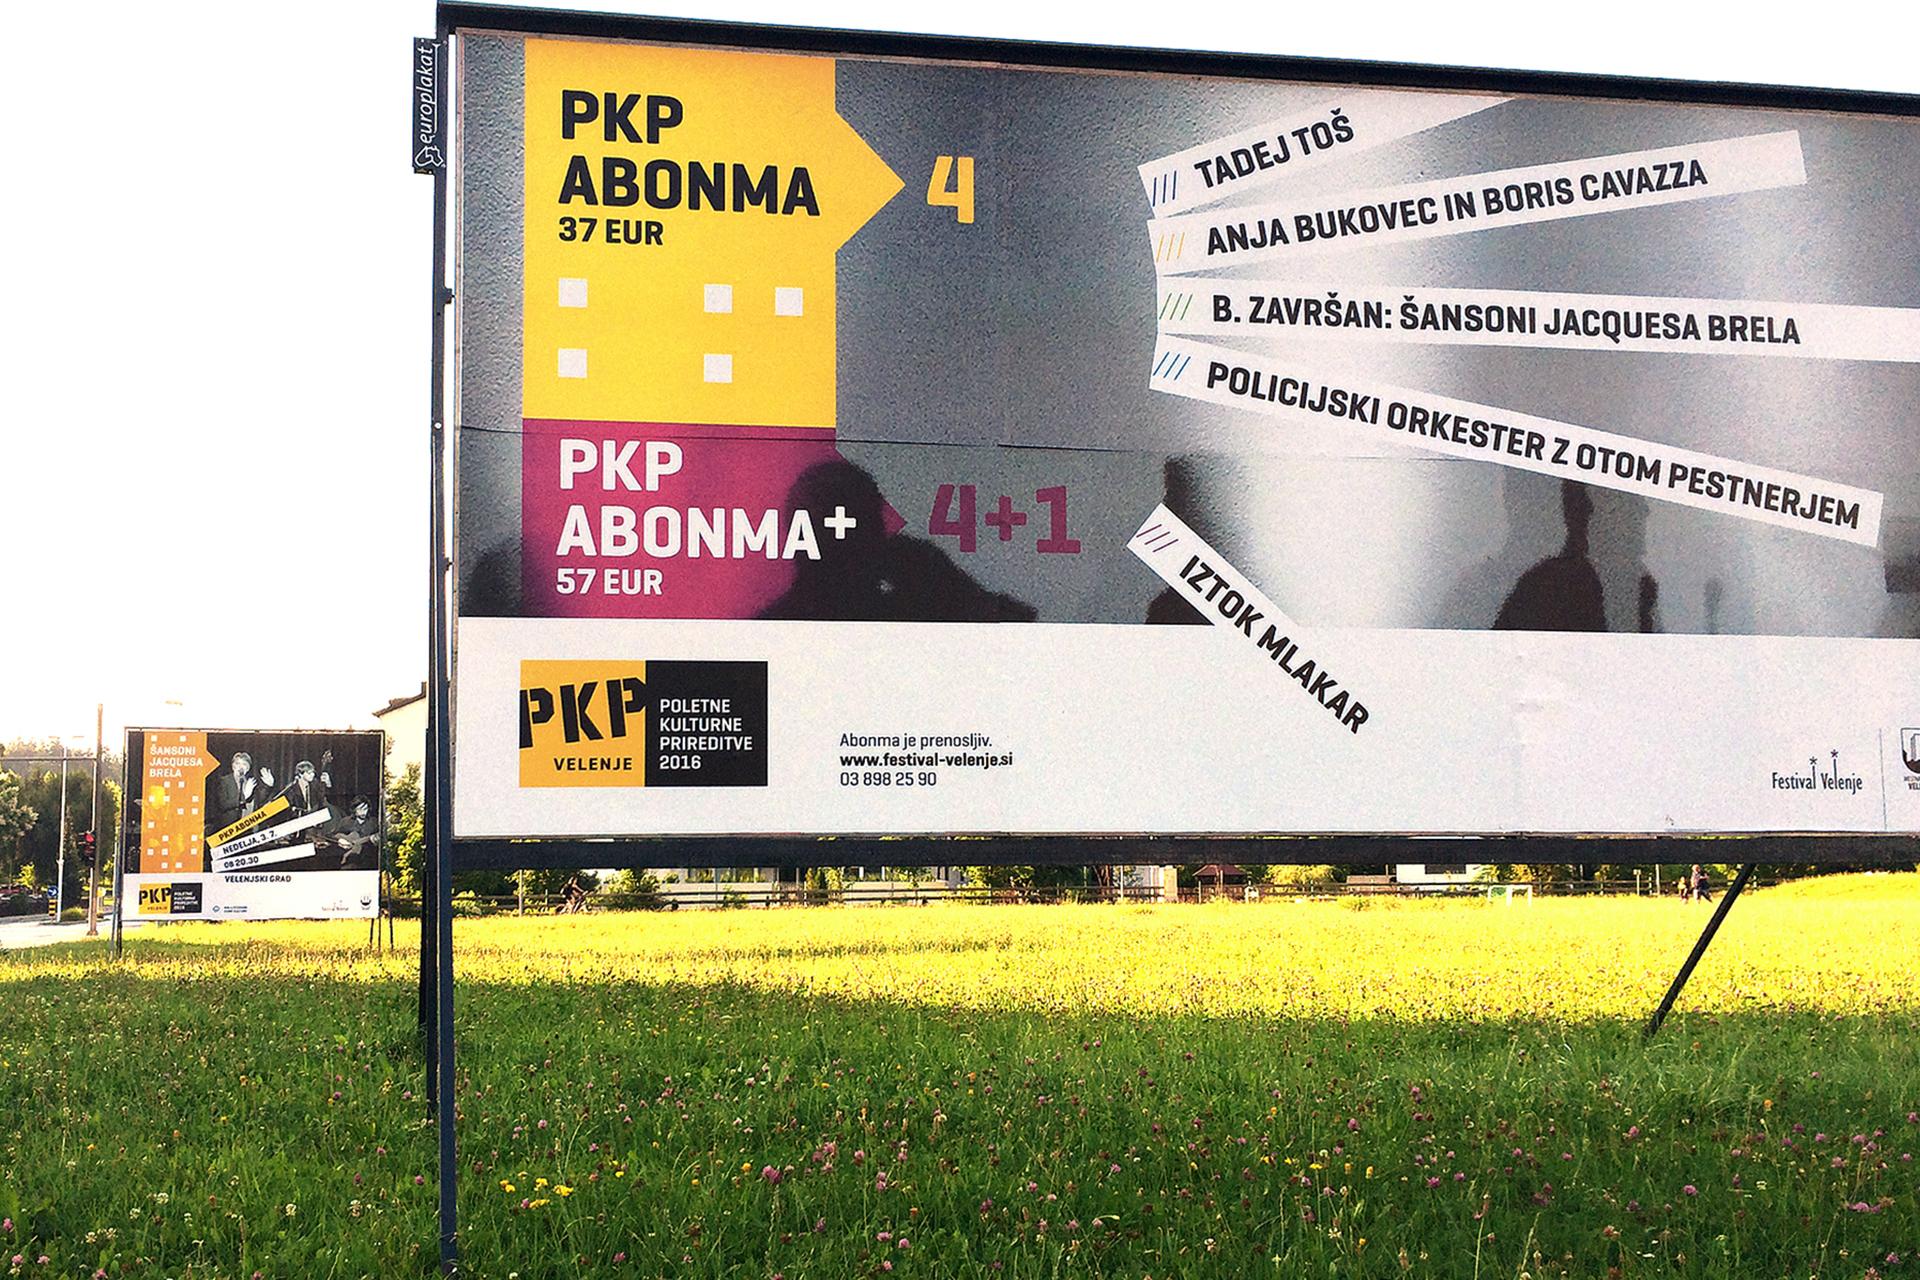 pkp_16_7a